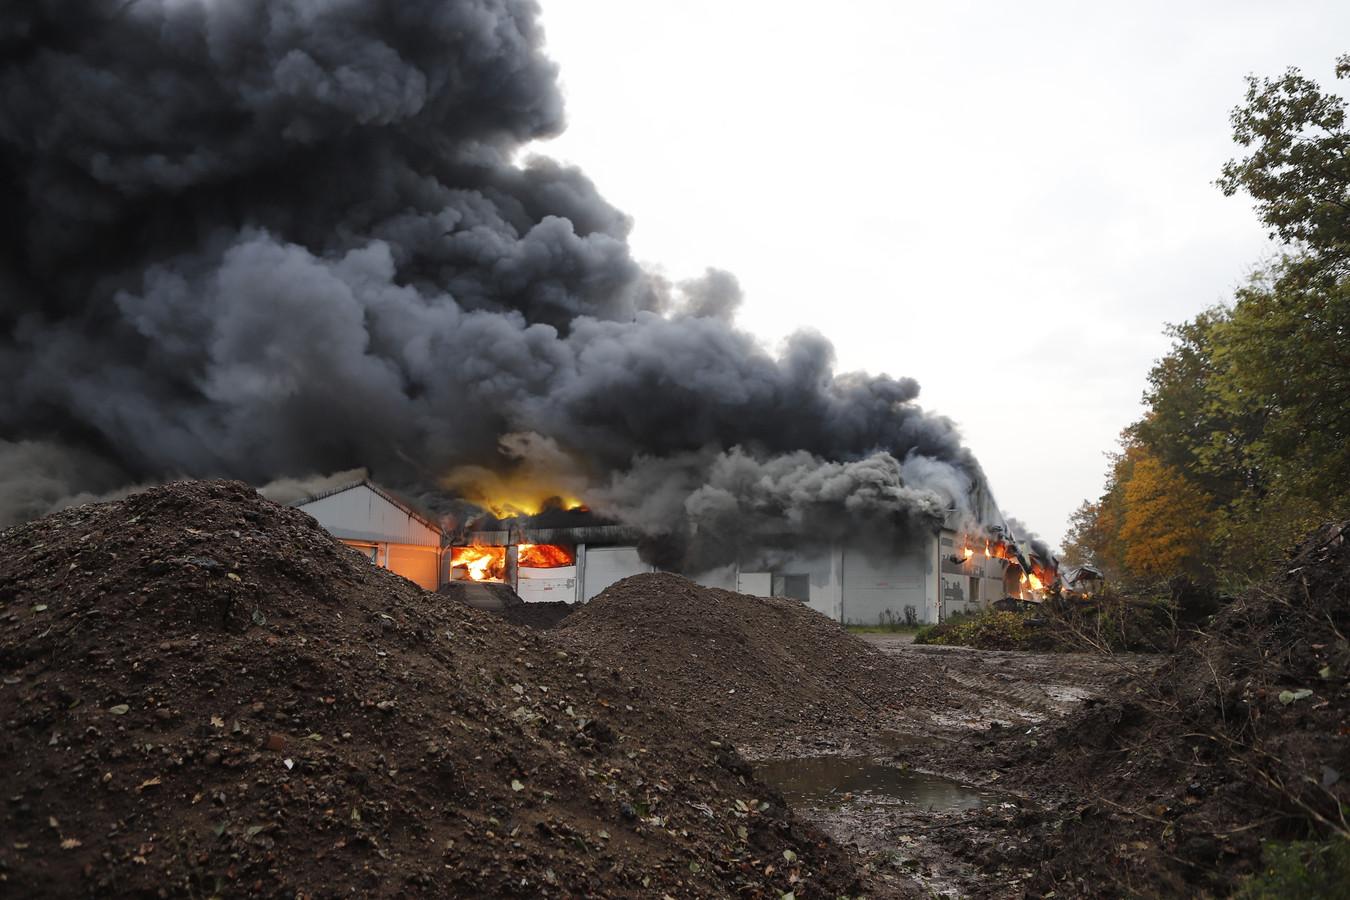 Aan de Dorpsstraat in Oeffelt is vrijdagochtend brand uitgebroken in een loods.